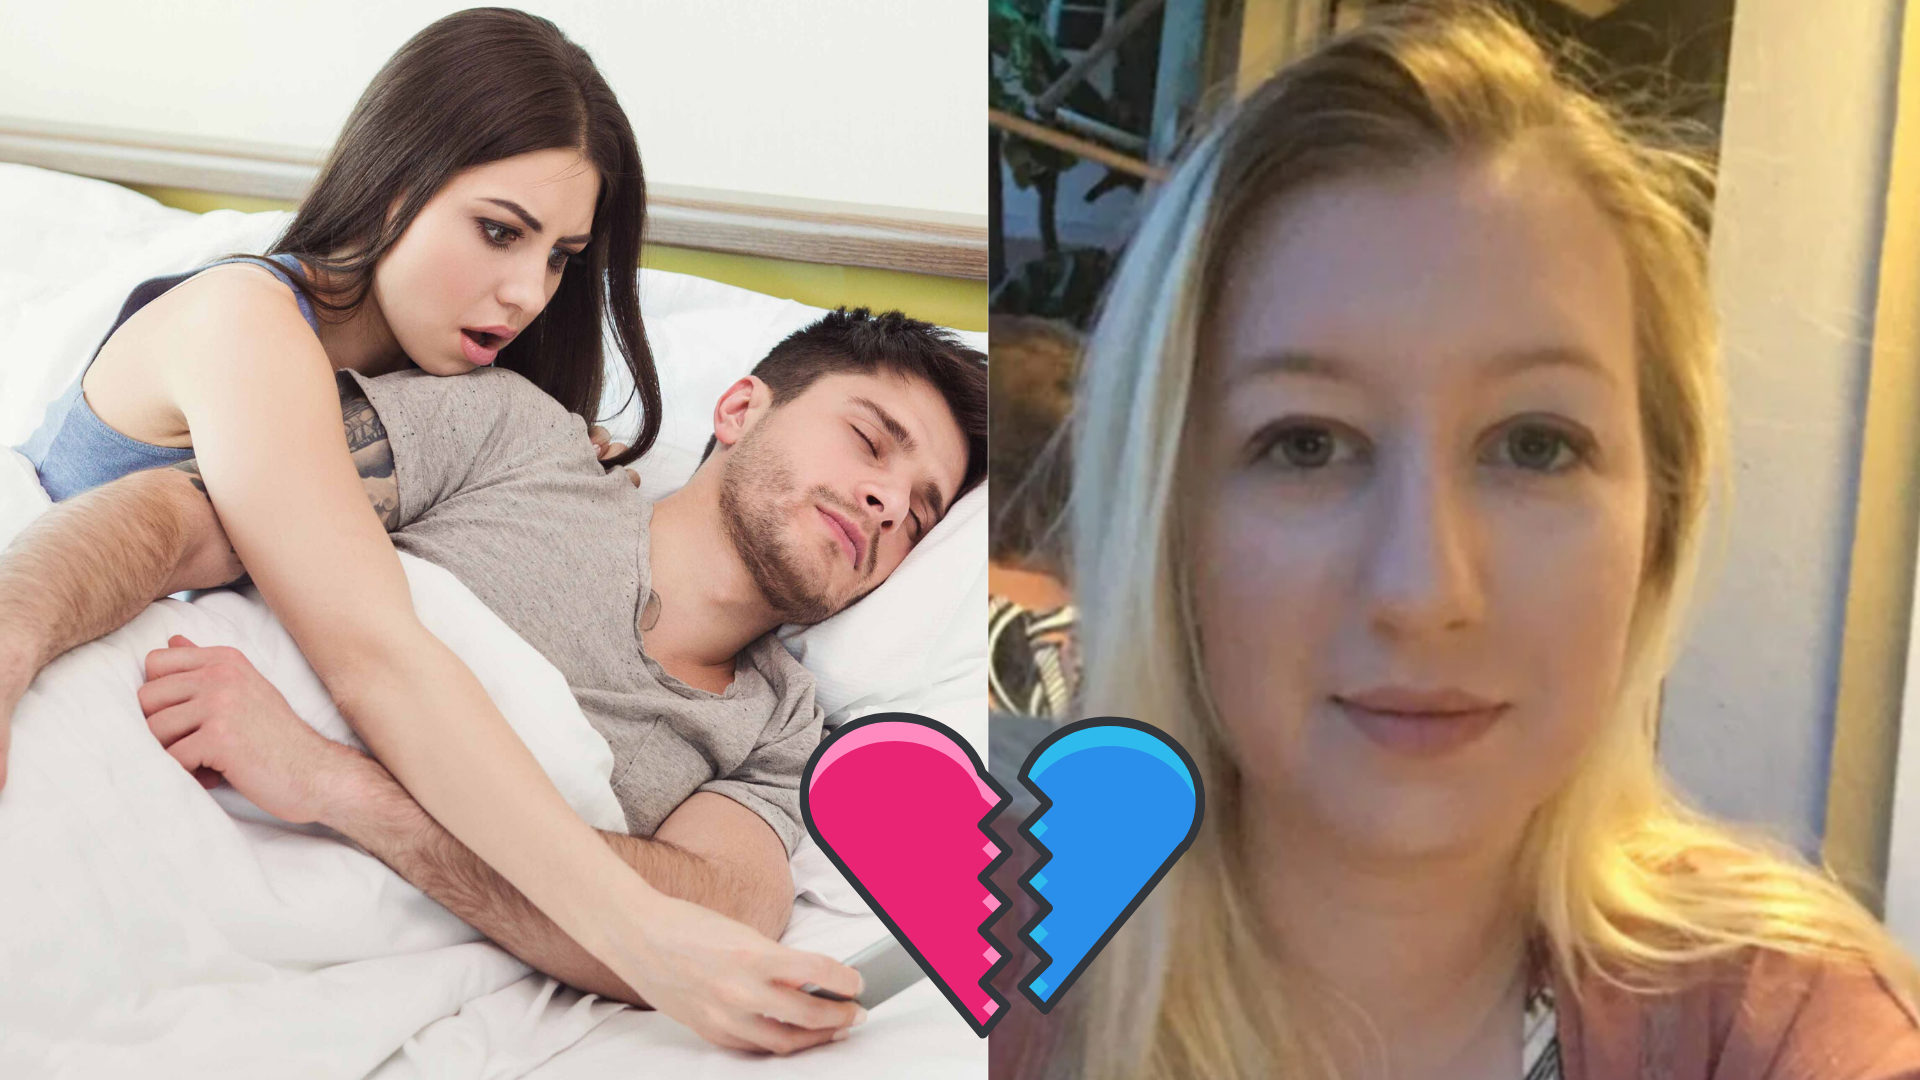 Chica descubre la infidelidad de su novio después de haberlo soñado